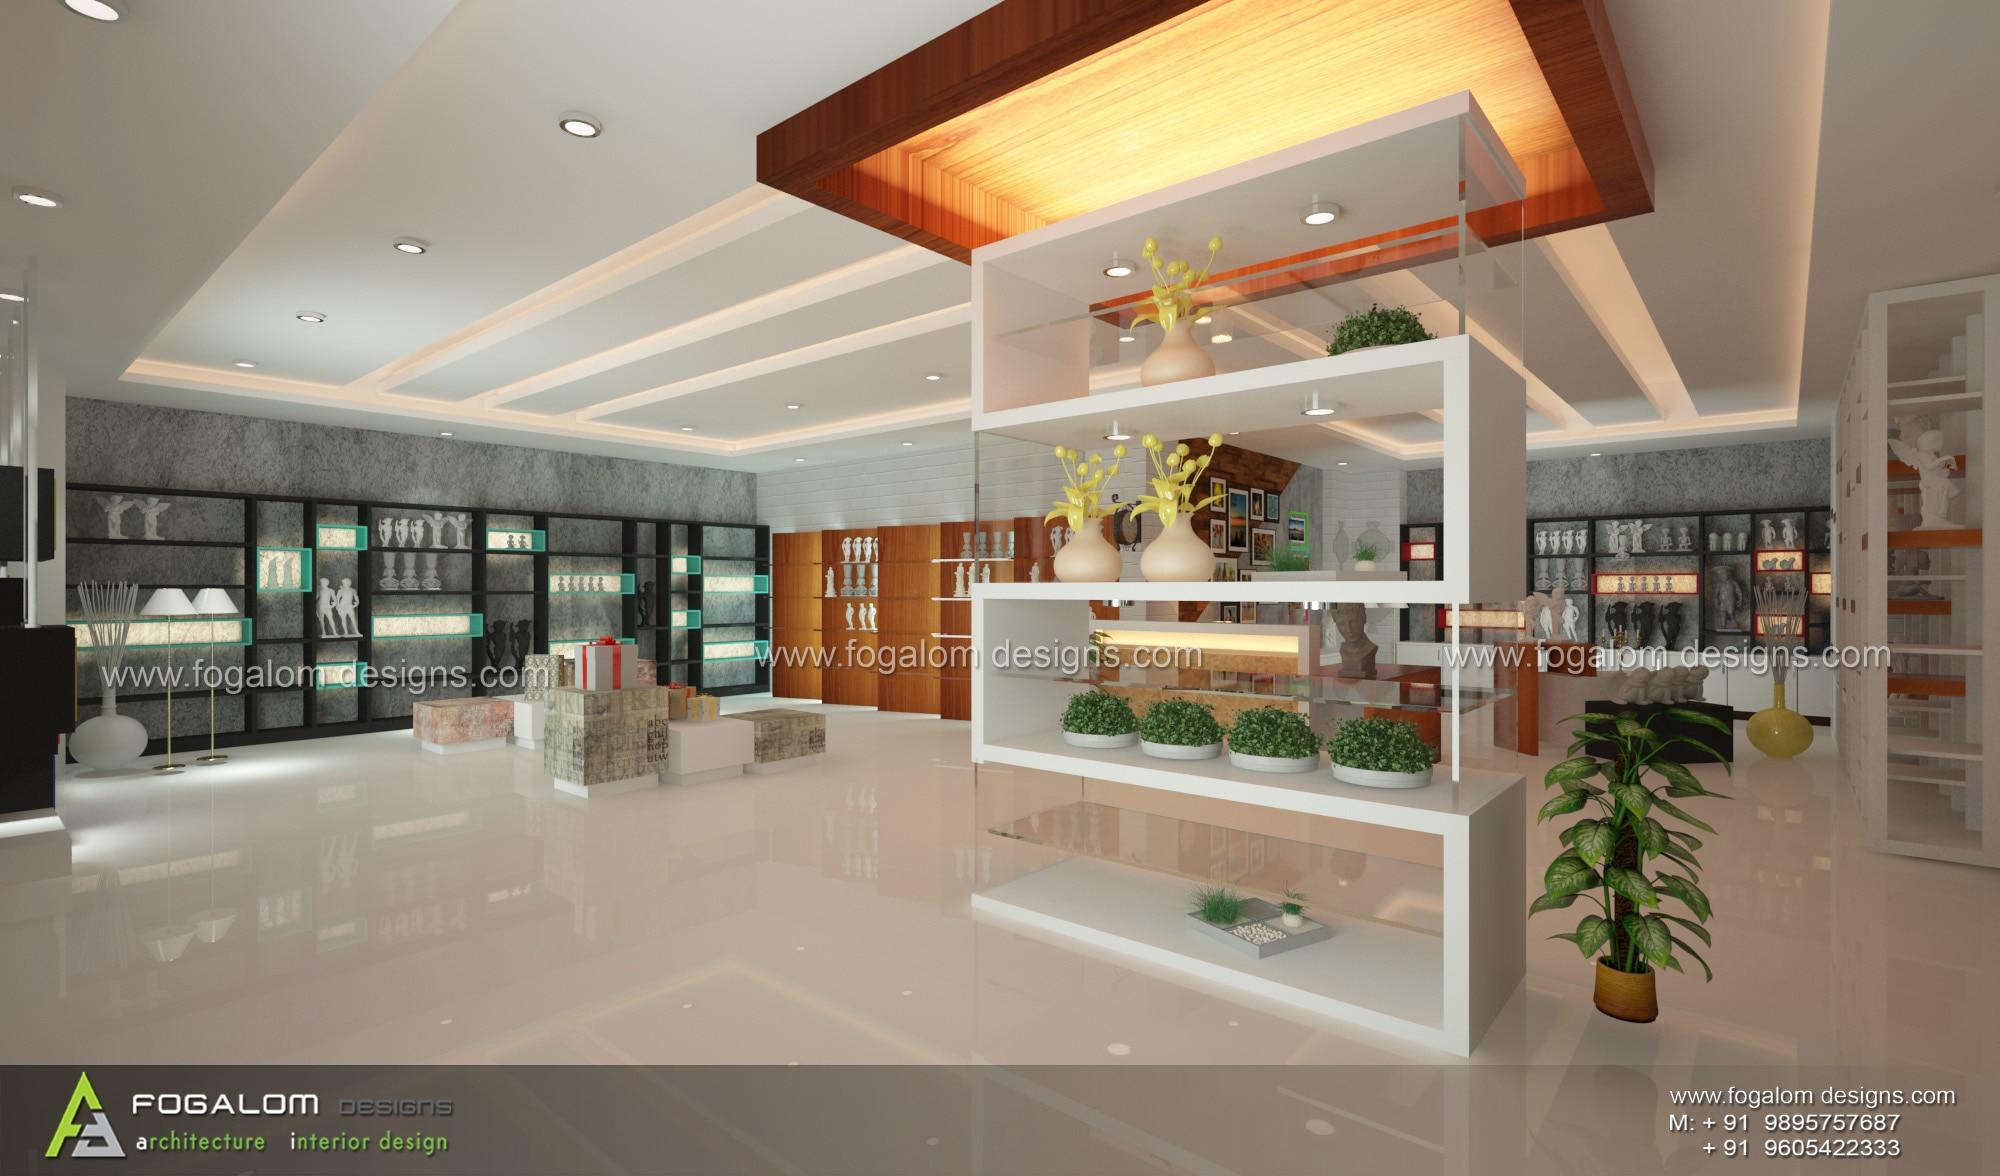 Car interior kochi - Showroom Interiors Kochi Ernakulam Kerala Designers Fogalom Designs For More